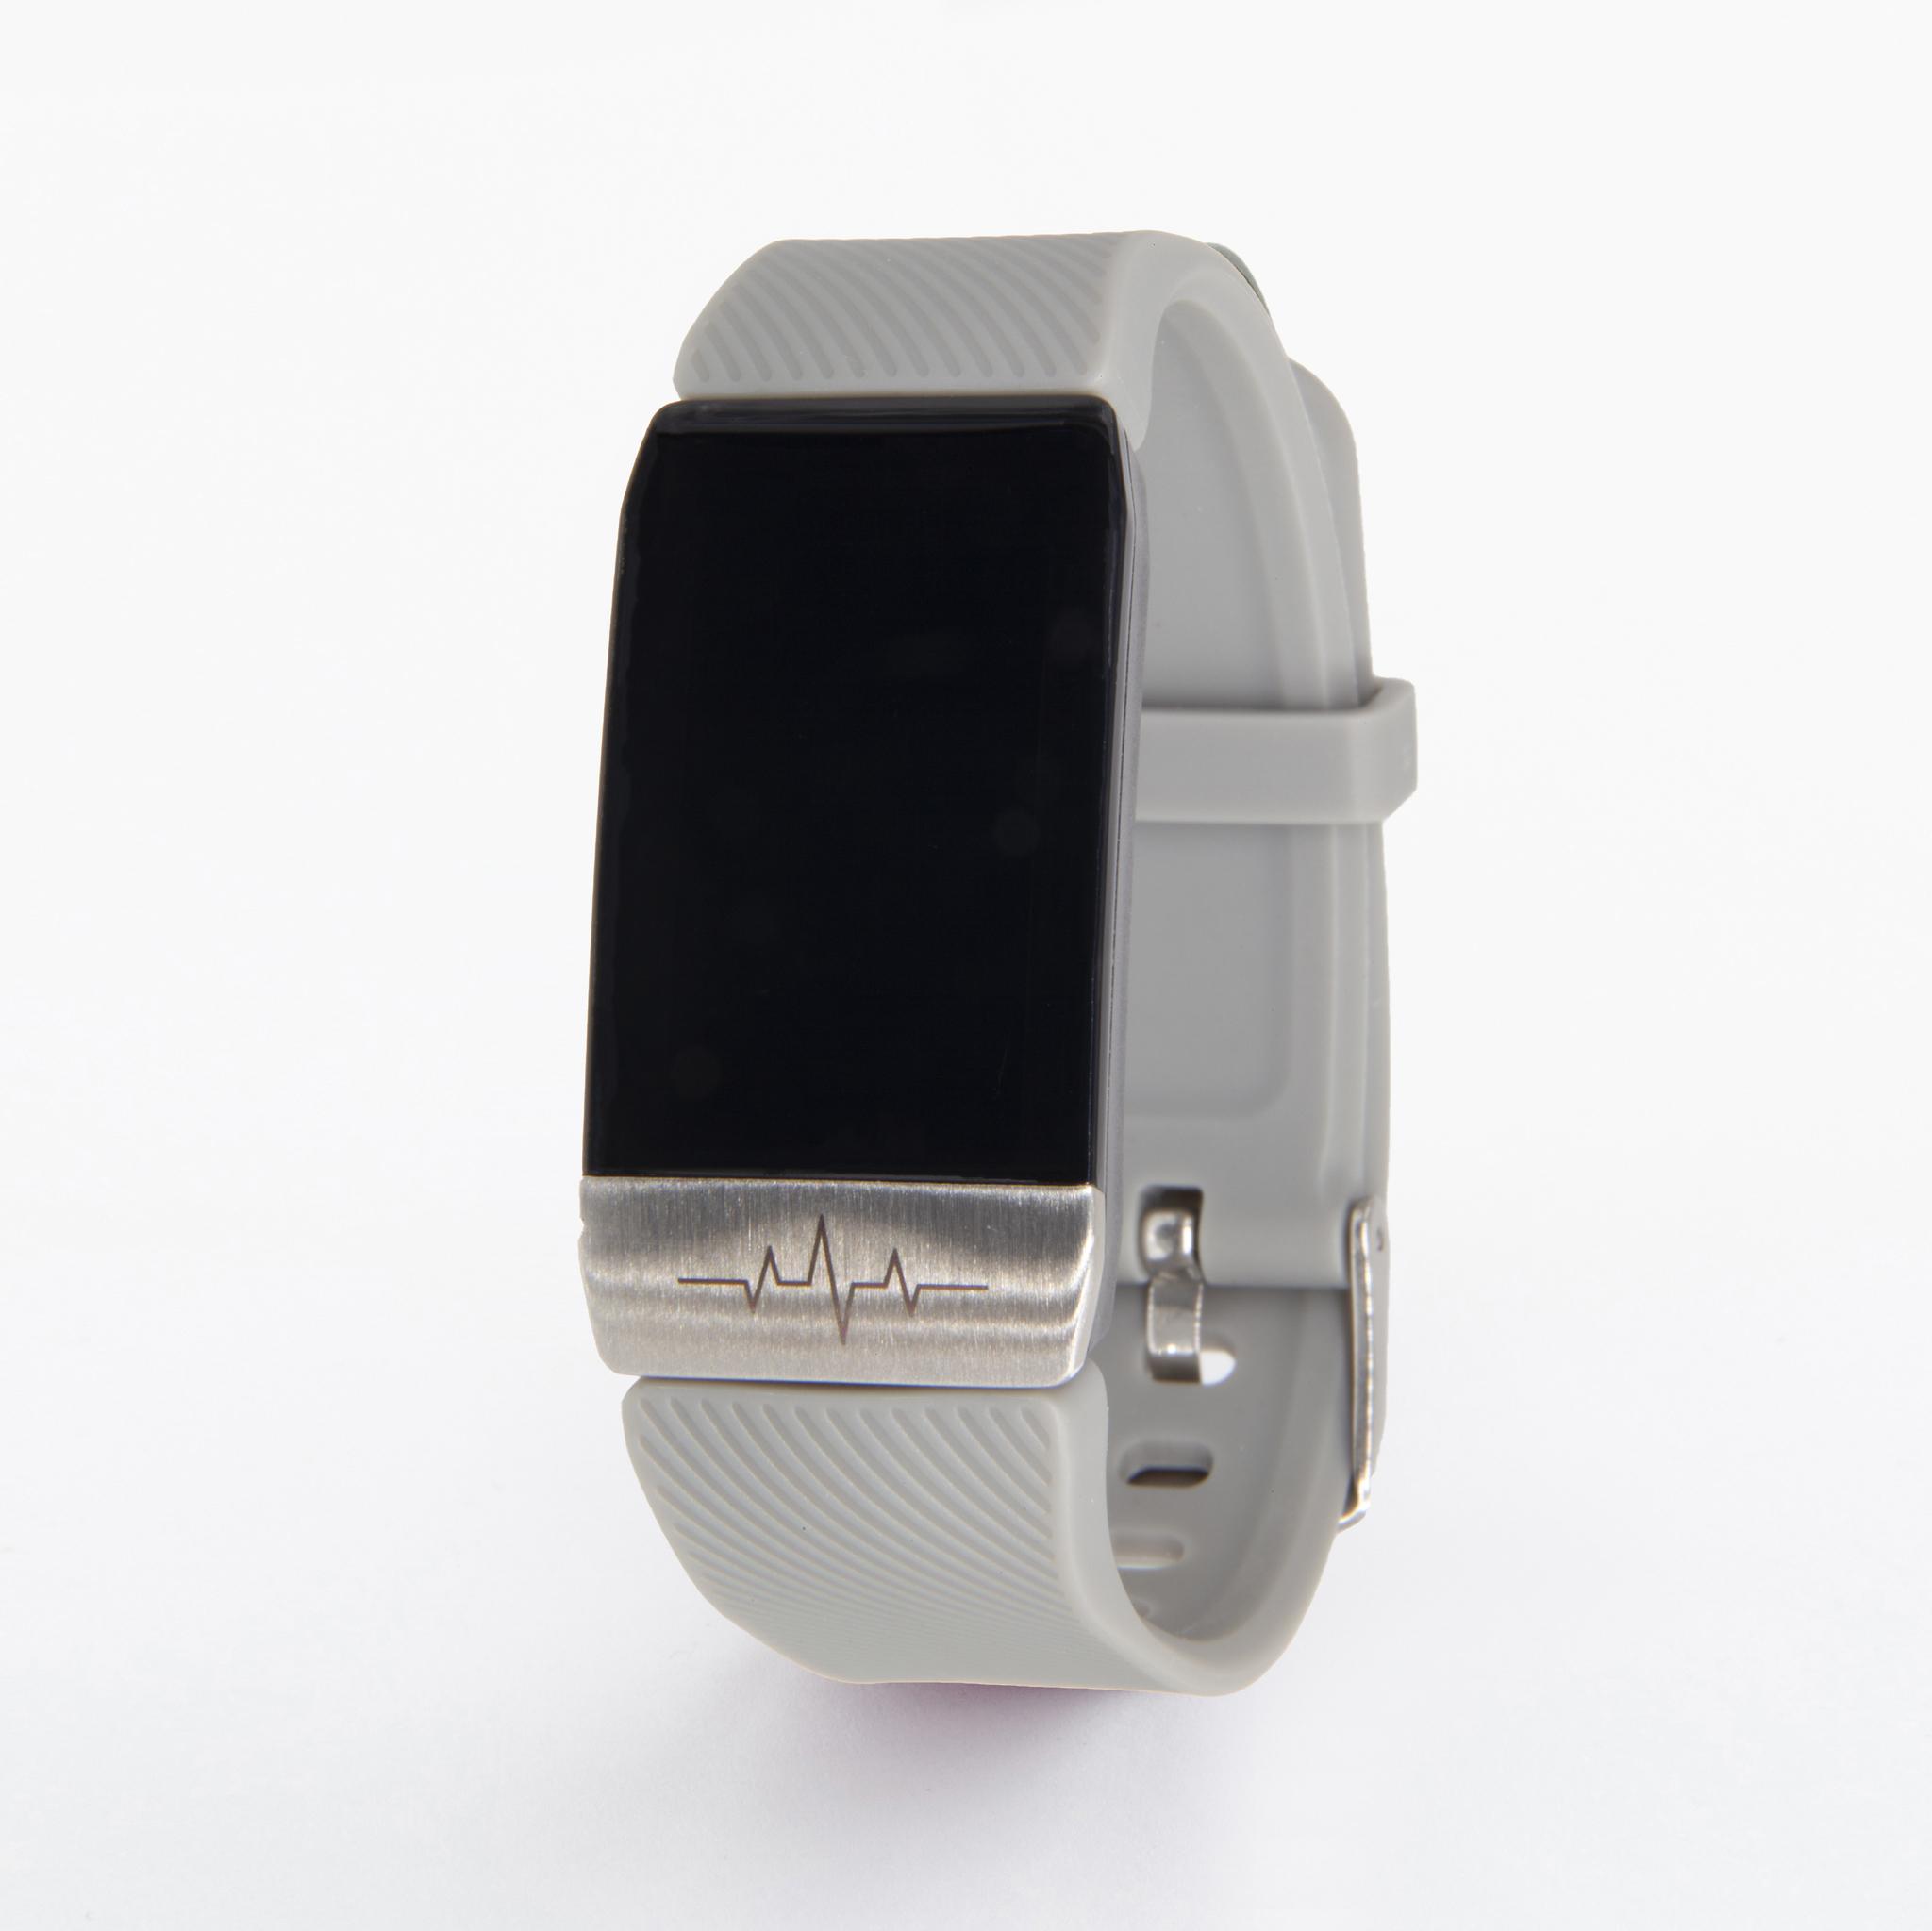 Браслет здоровья с автоматическим измерением давления, пульса, кислорода и снятием ЭКГ Health Band №1S (серый)